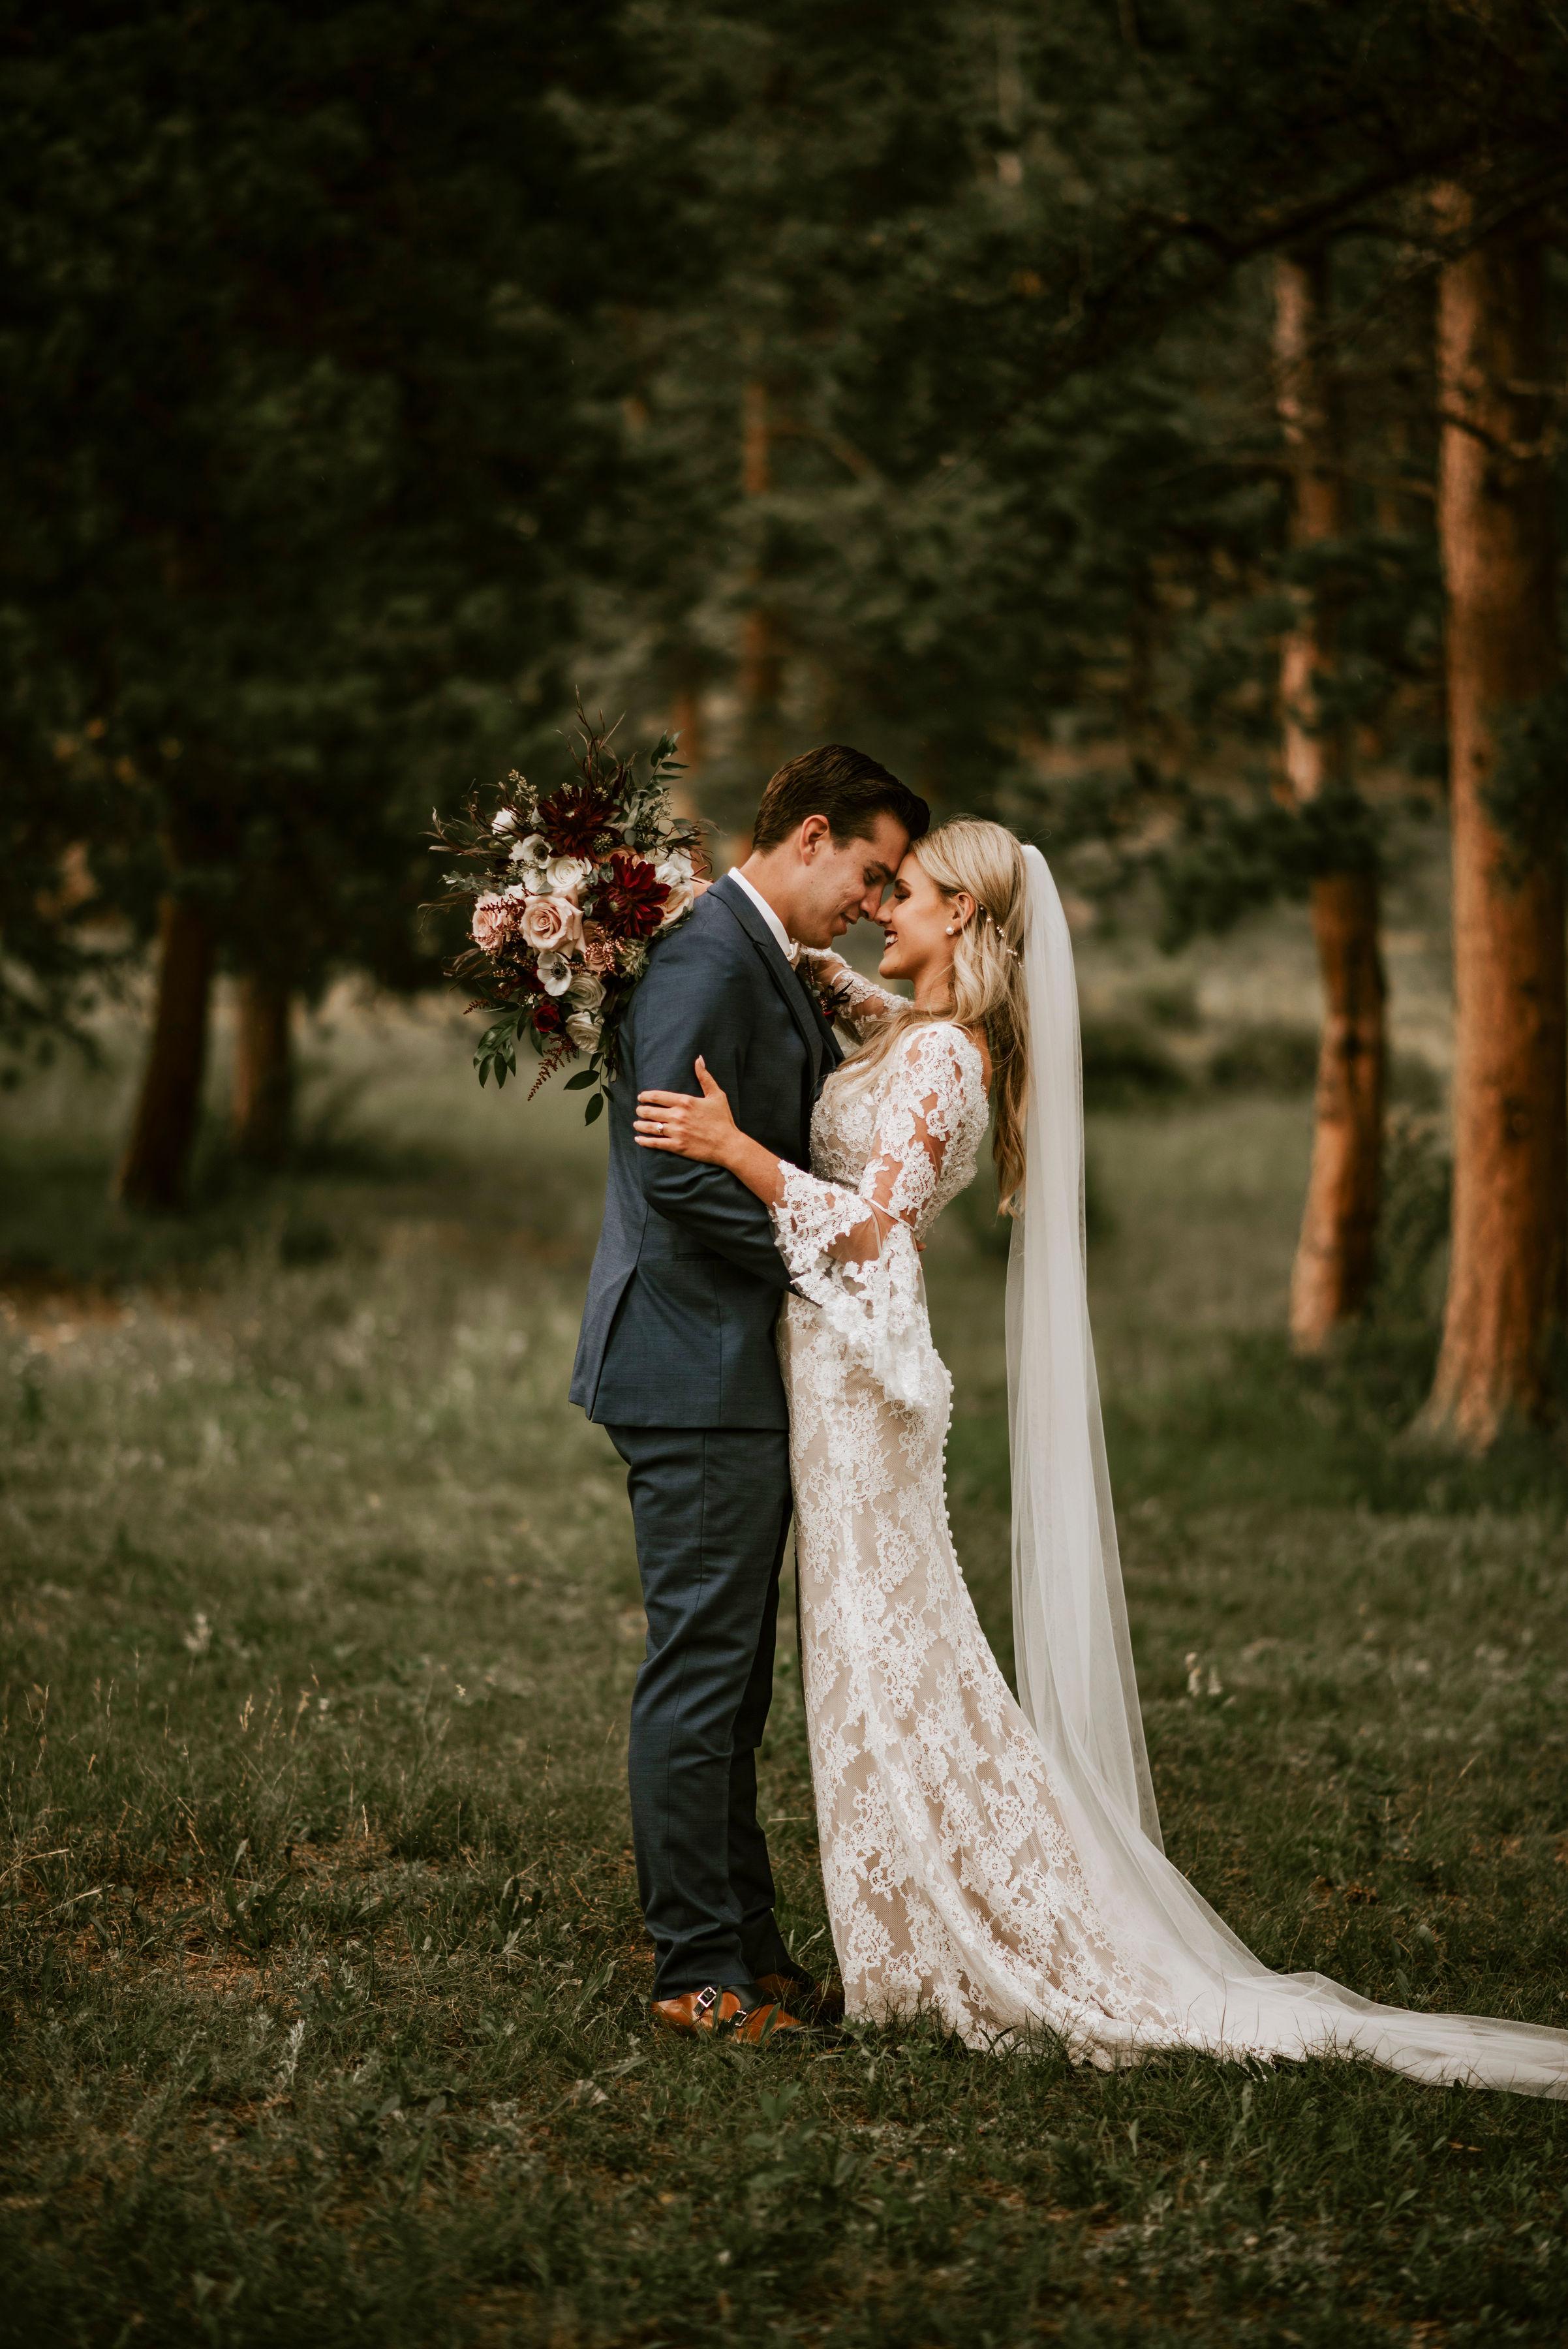 della_terra_chateau_wedding_photographer183.jpg